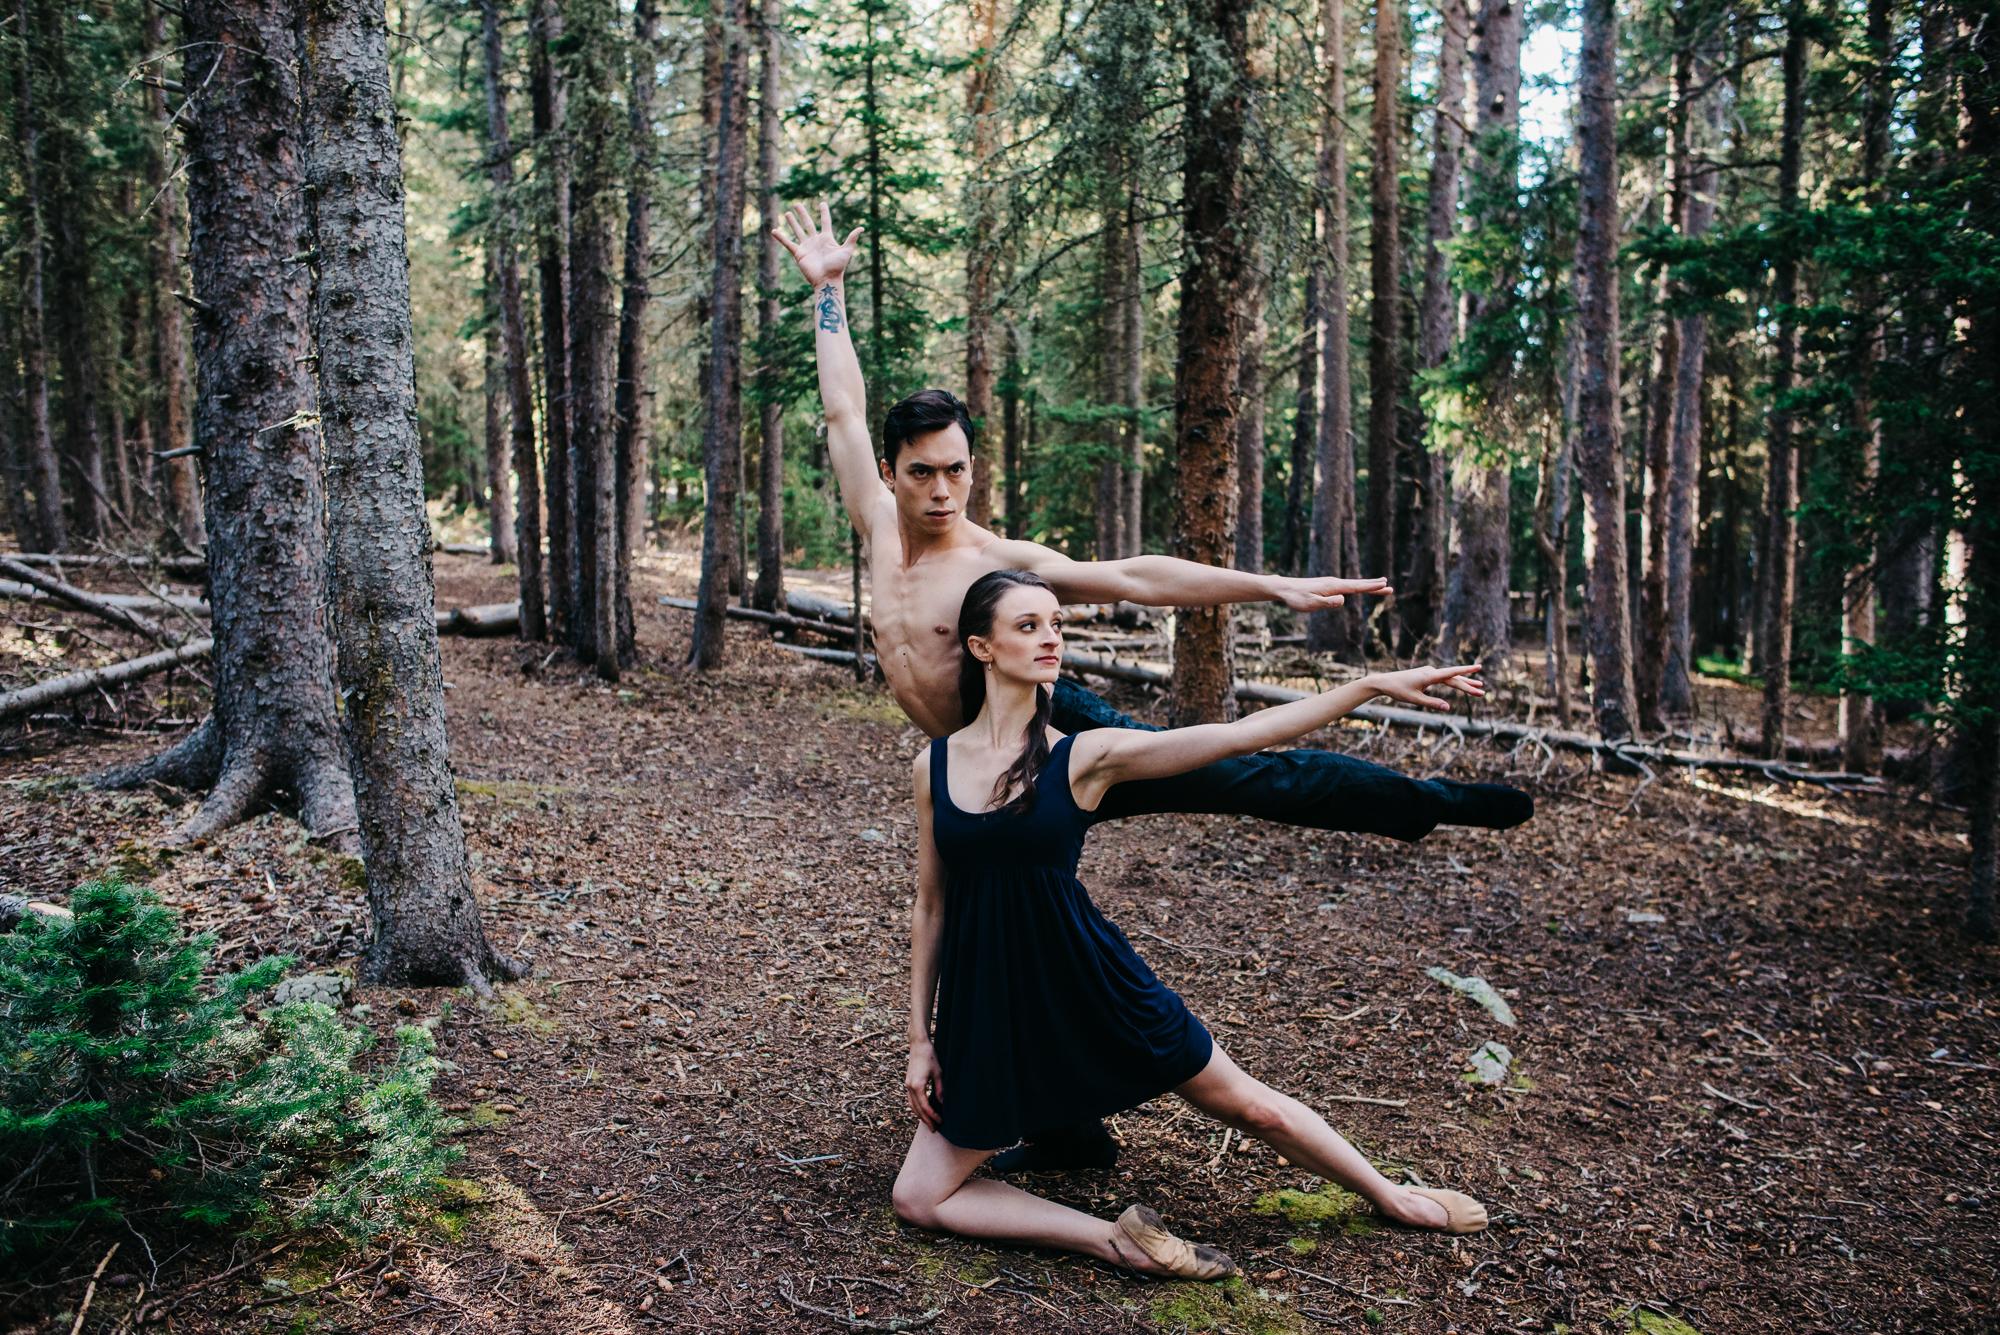 54-colorado-ballet-photographer-colorado-yoga-photographer-colorado-dance-photographer-denver-dance-photographer-denver-yoga-photographer-traveling-dance-photographerballet-photograph-pas-de-deux-kevin&sara-290.jpg